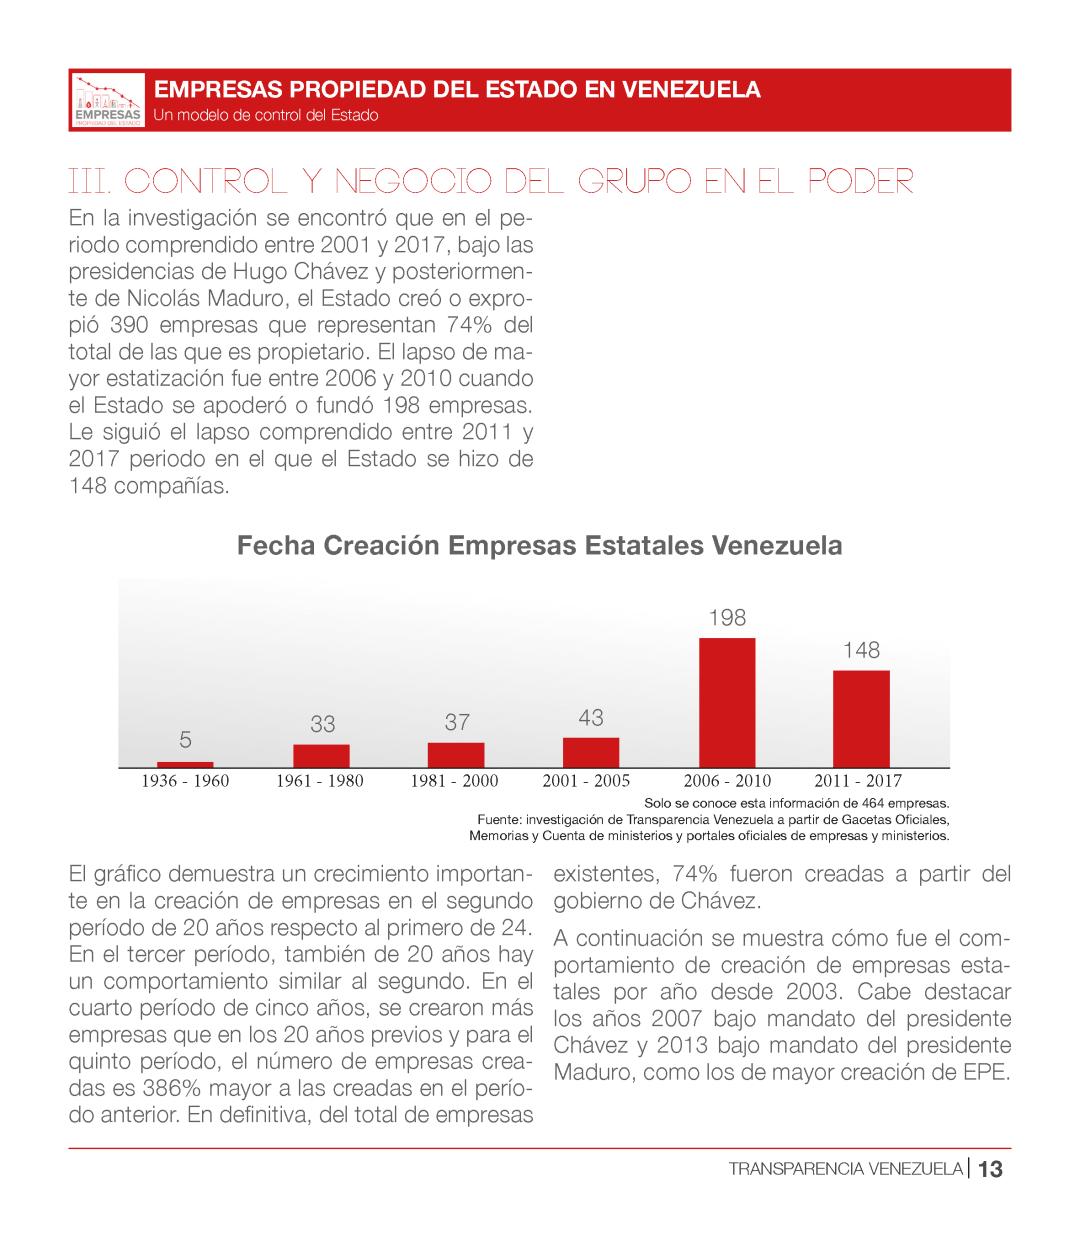 Empresas-propiedad-del-Edo.-2017-TV-sin-linea-de-corte_Página_13